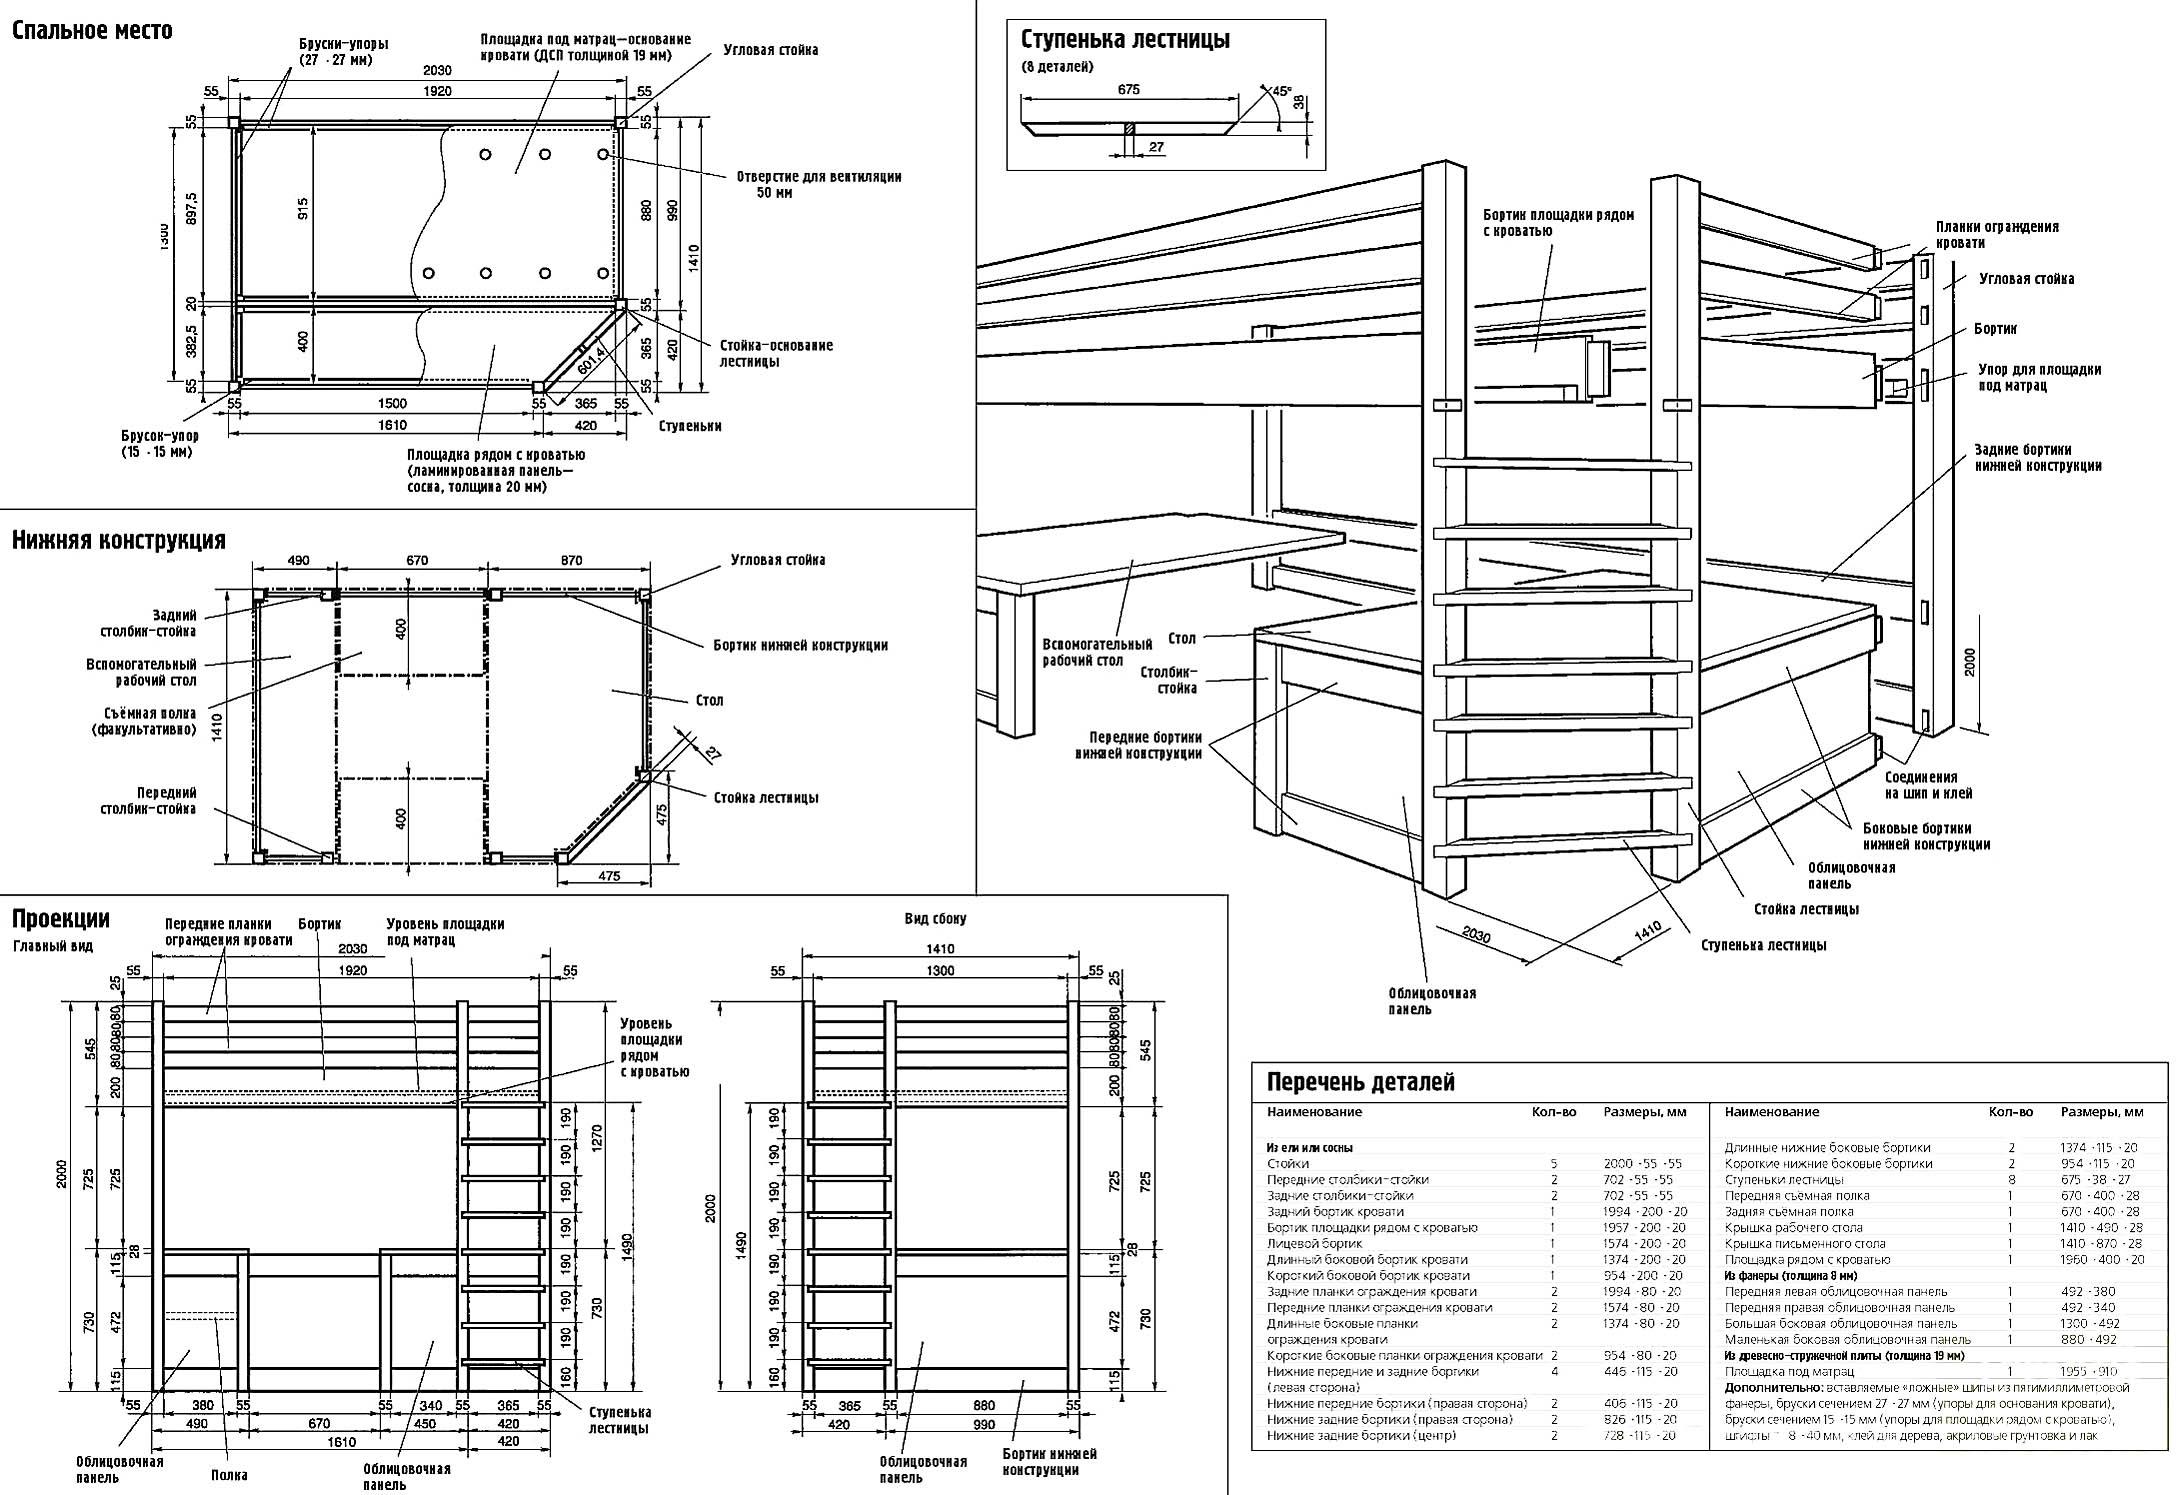 Чертежи многофункциональной двухъярусной кровати со взрослым спальным местом наверху